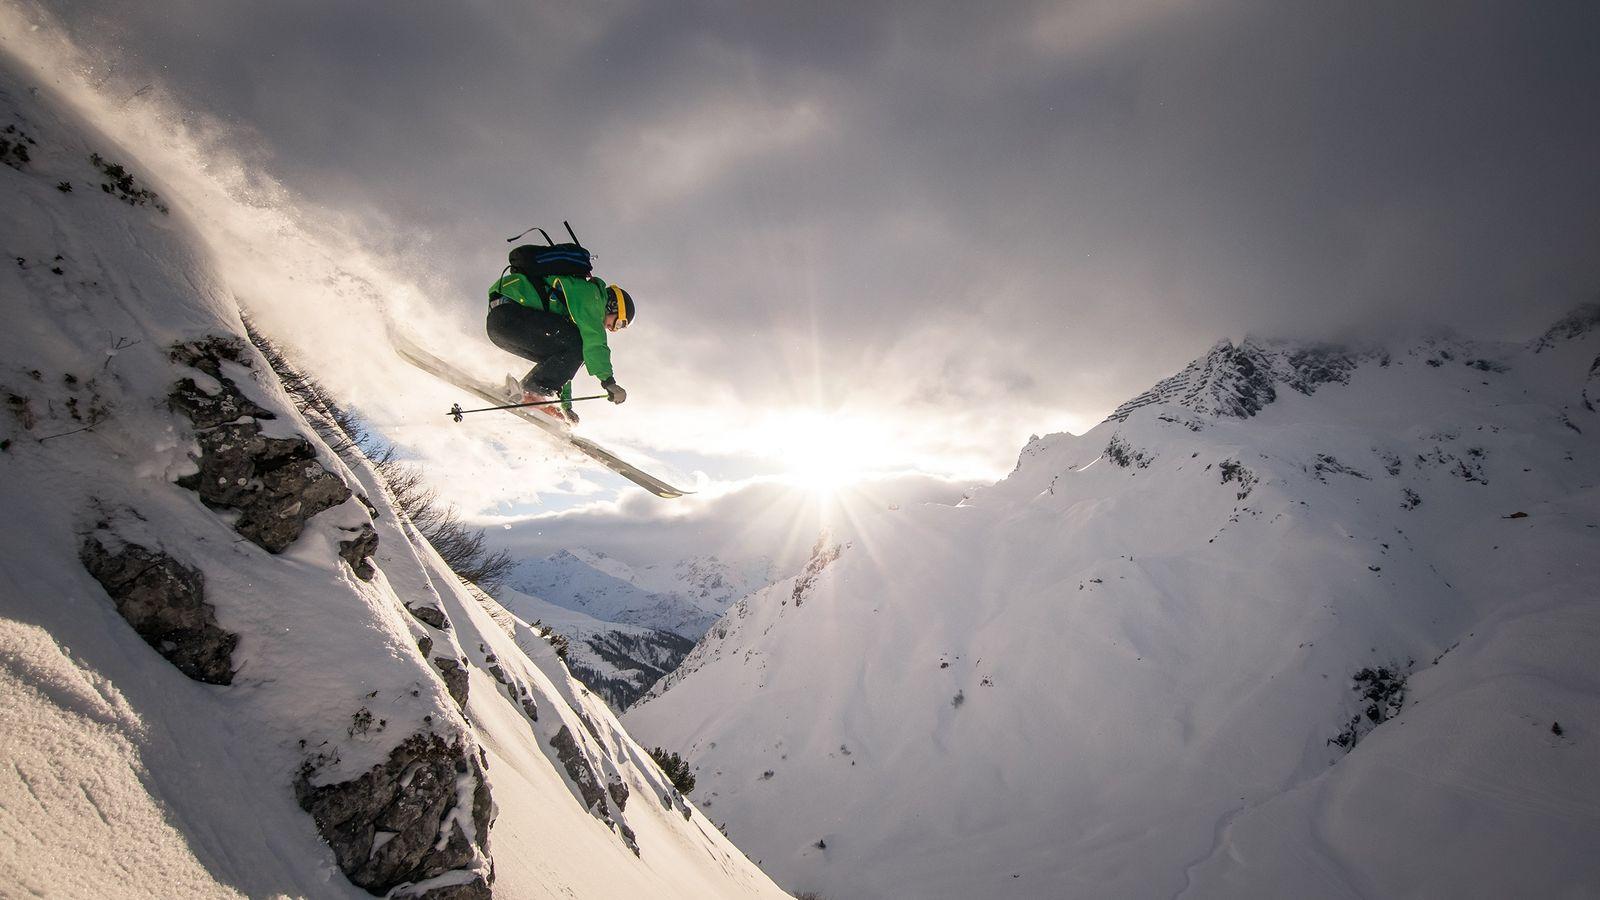 Bewegung in den Alpen: Ein Skifahrer saust bergab und zieht eine Schneefahne hinter sich her.